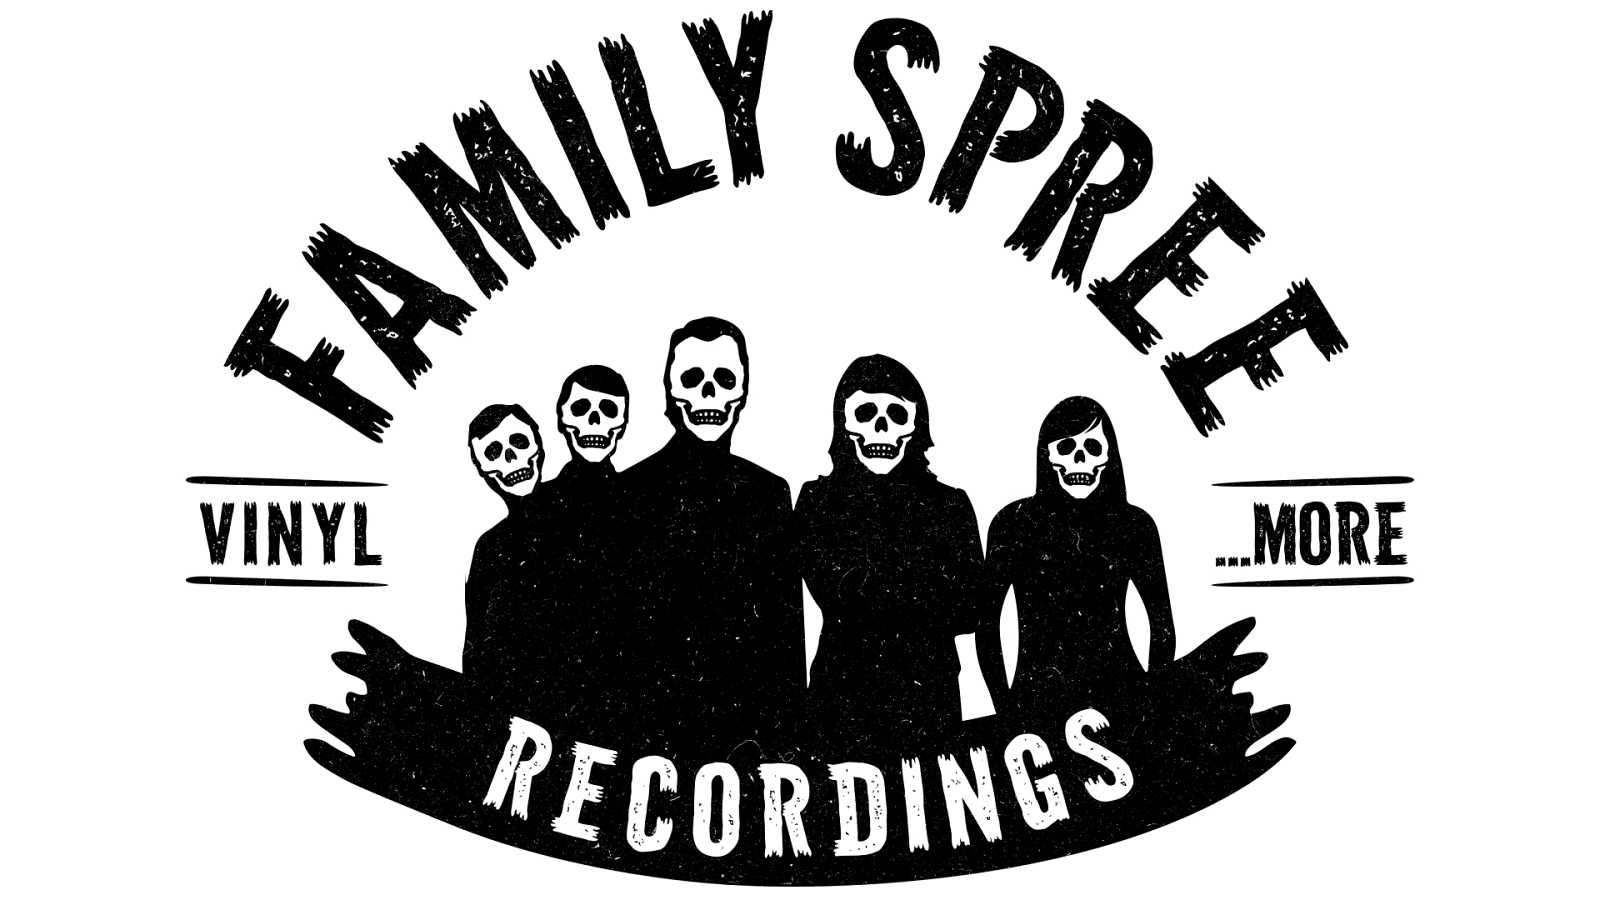 El sótano - Family Spree; radiografía de nuestro underground - 11/02/21 - escuchar ahora